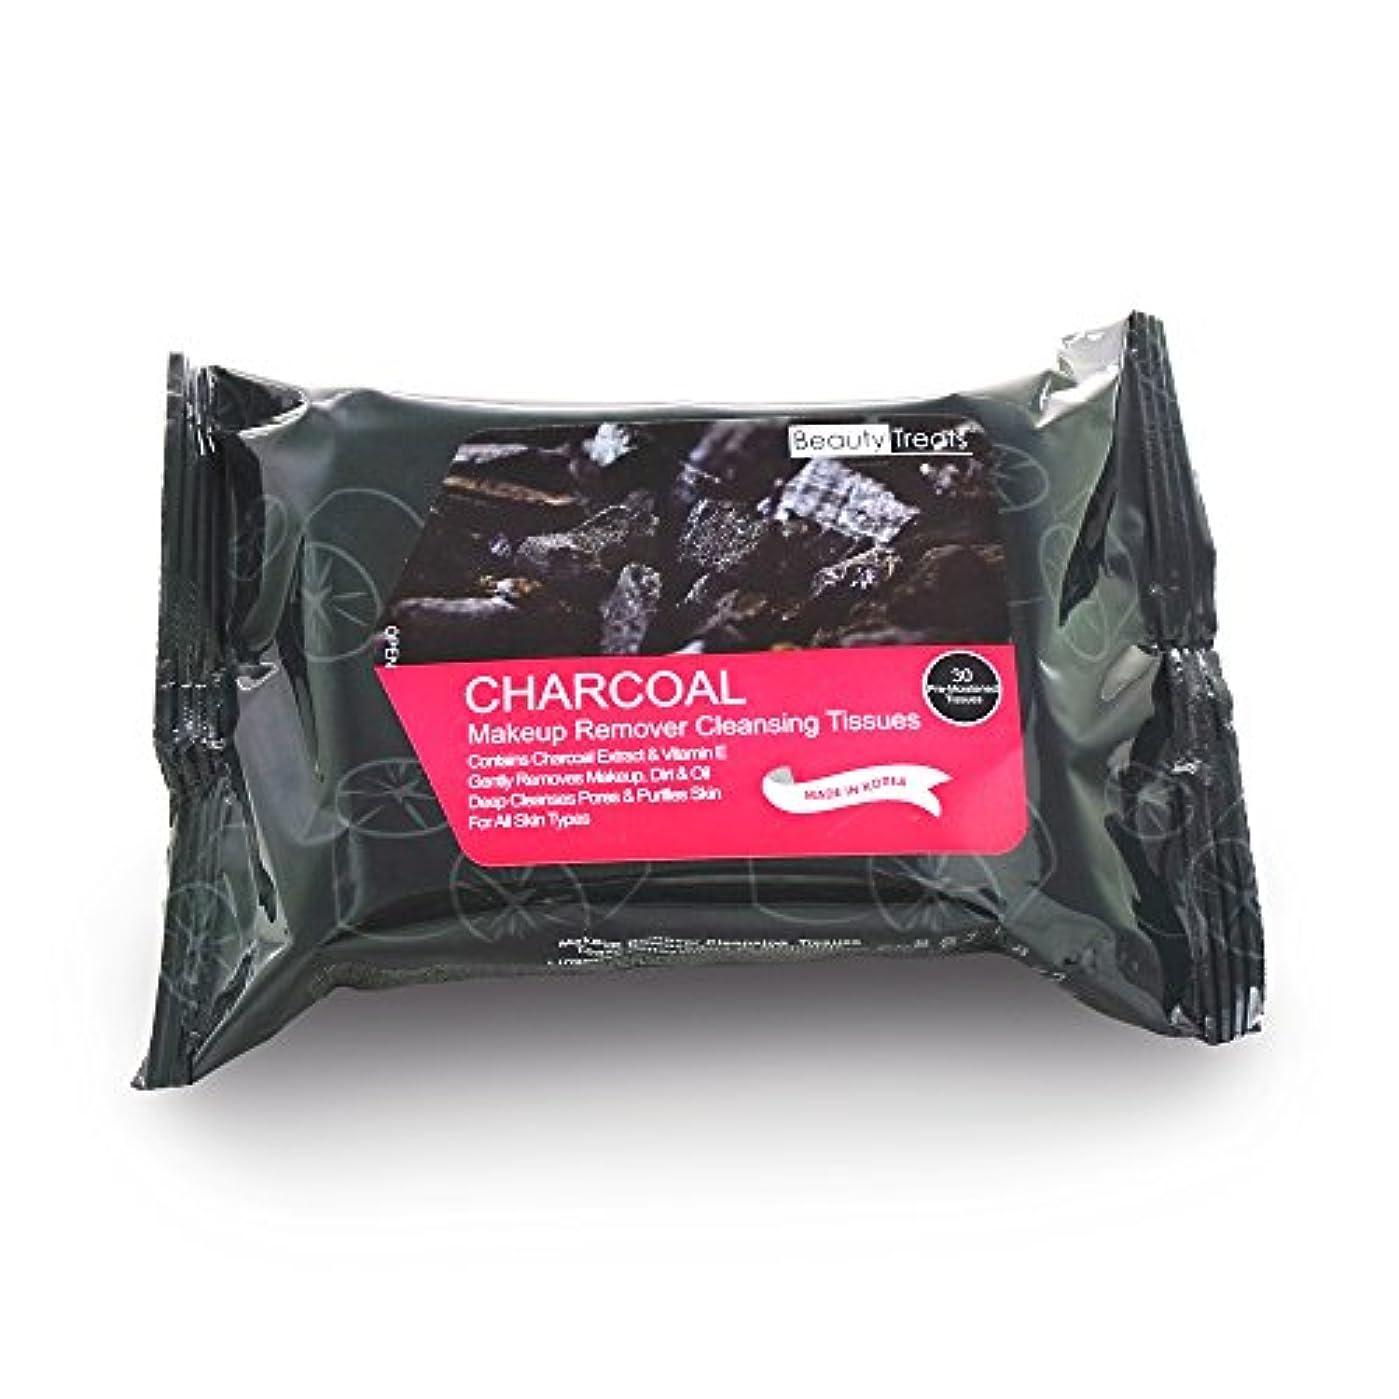 農業の赤ビジター(6 Pack) BEAUTY TREATS Charcoal Makeup Remover Cleaning Tissues (並行輸入品)